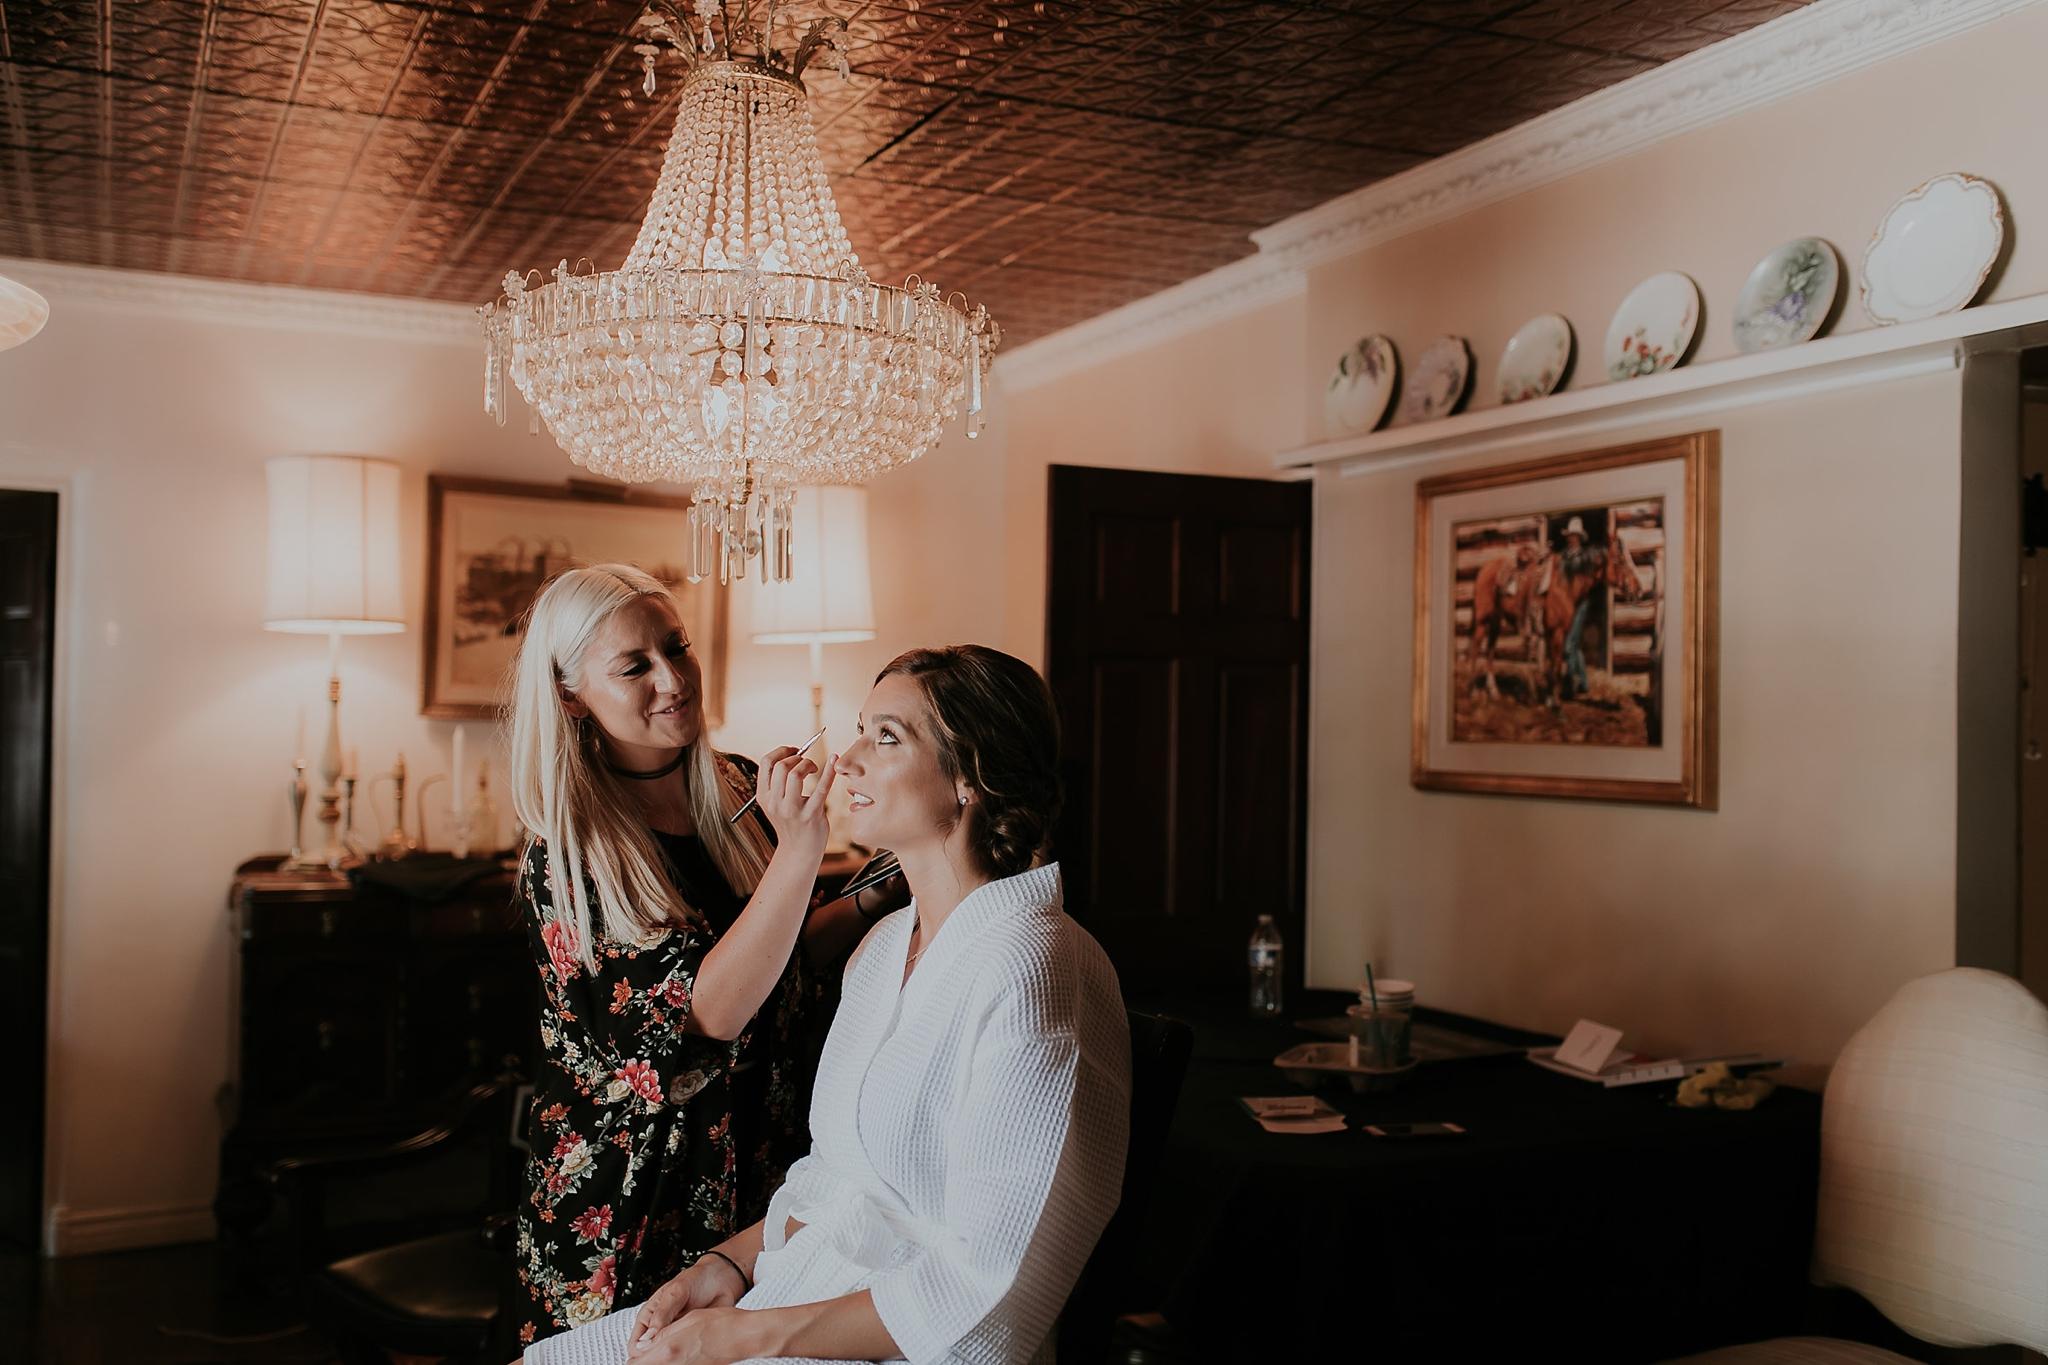 Alicia+lucia+photography+-+albuquerque+wedding+photographer+-+santa+fe+wedding+photography+-+new+mexico+wedding+photographer+-+new+mexico+wedding+-+wedding+makeup+-+makeup+artist+-+wedding+makeup+artist+-+bridal+makeup_0071.jpg